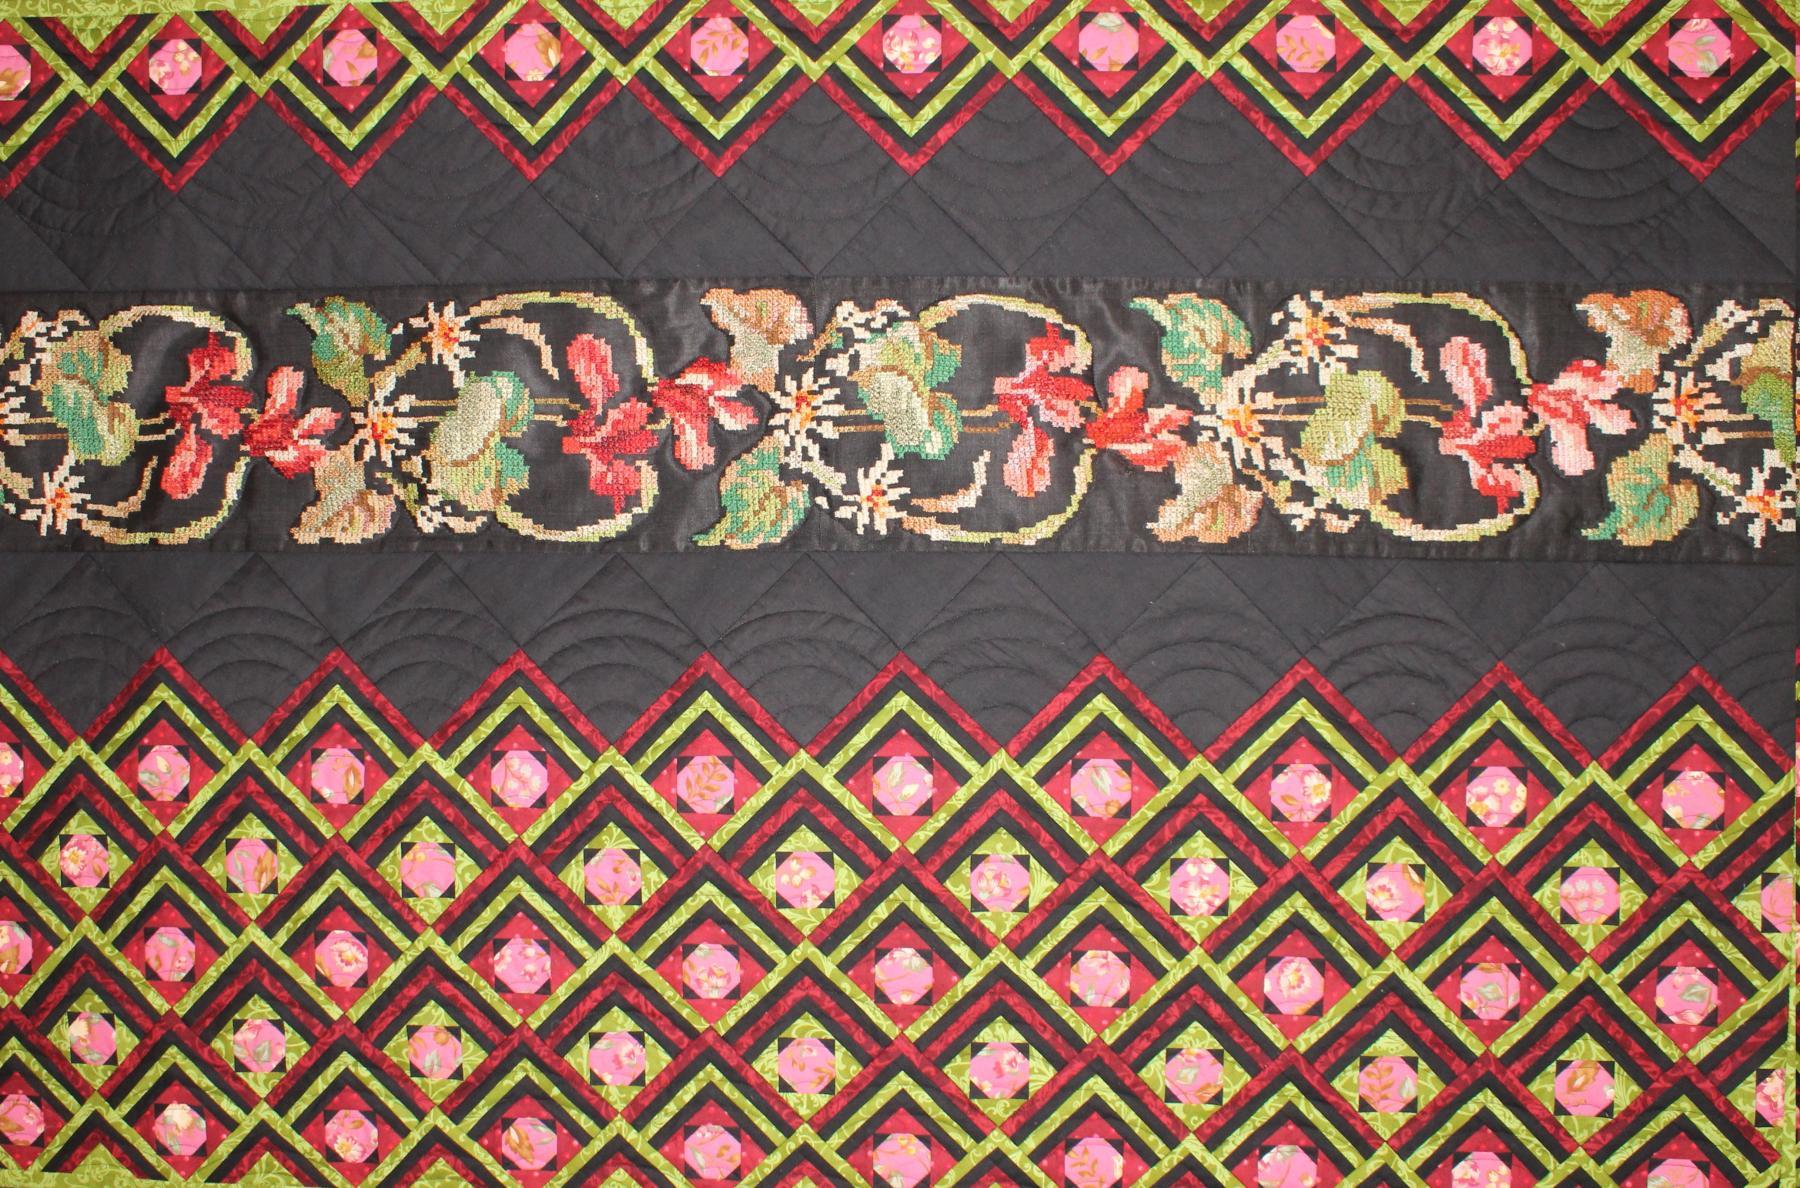 фото Старинное кружево ручной работы представят на выставке в Новосибирске 2